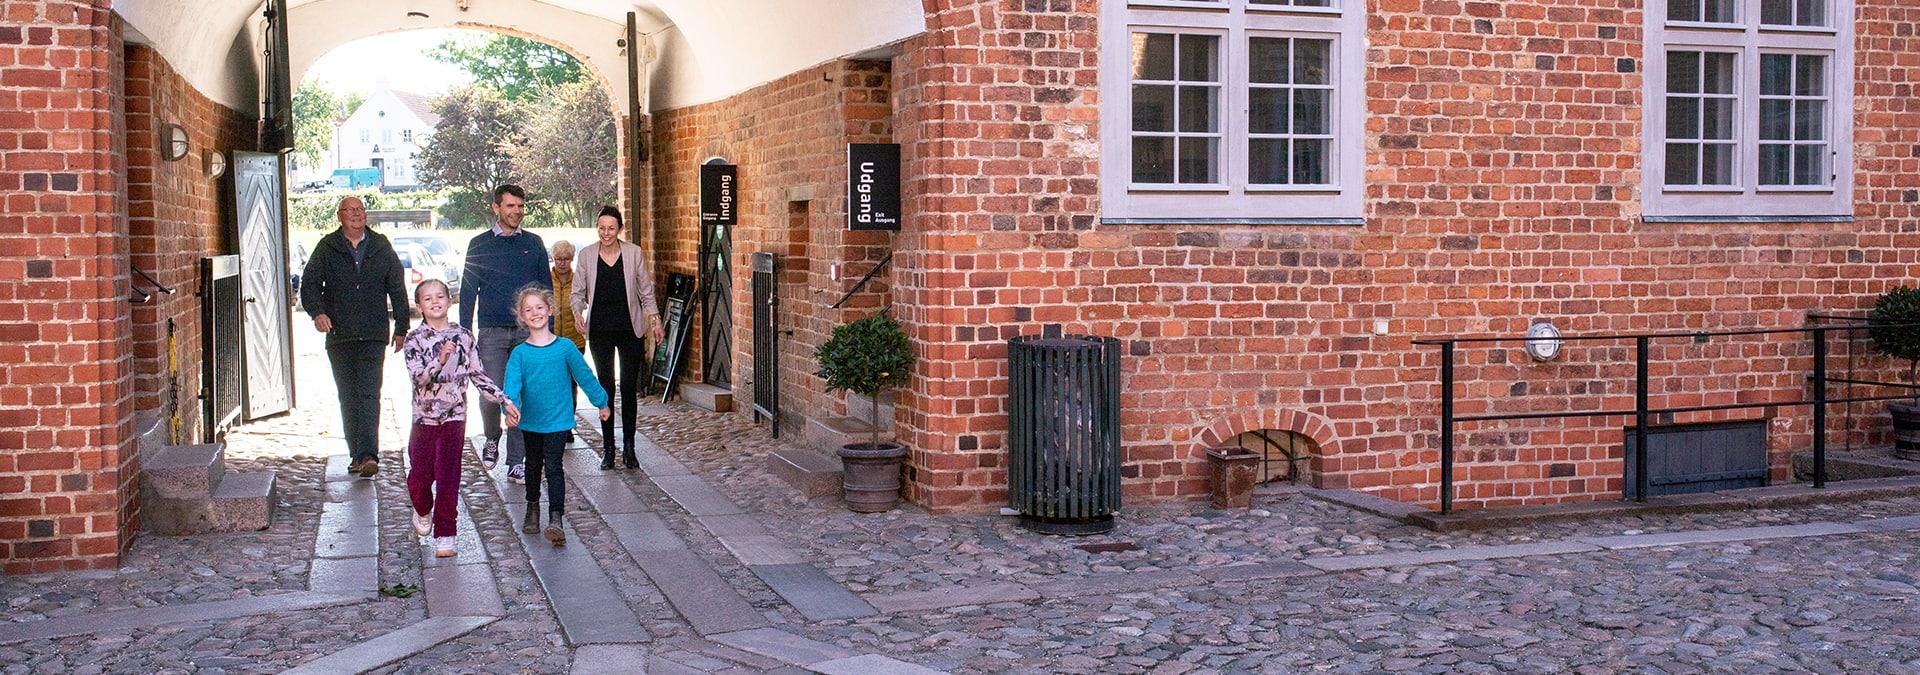 Sønderborg Slot spærret for trafik 12. september